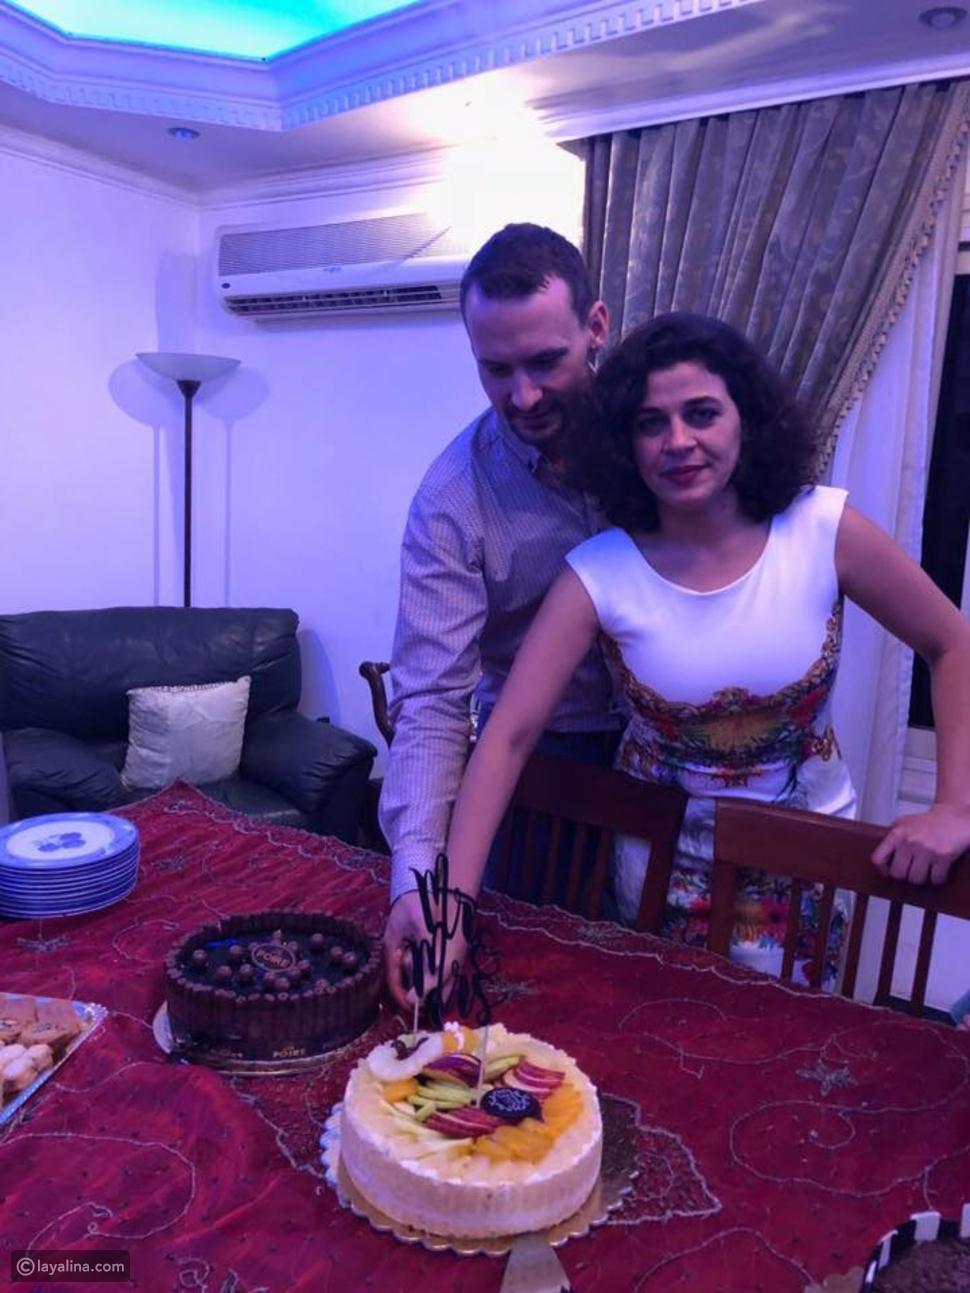 زوج منى هلا أعلن اسلامه وتزوجا في حفل بسيط في مصر